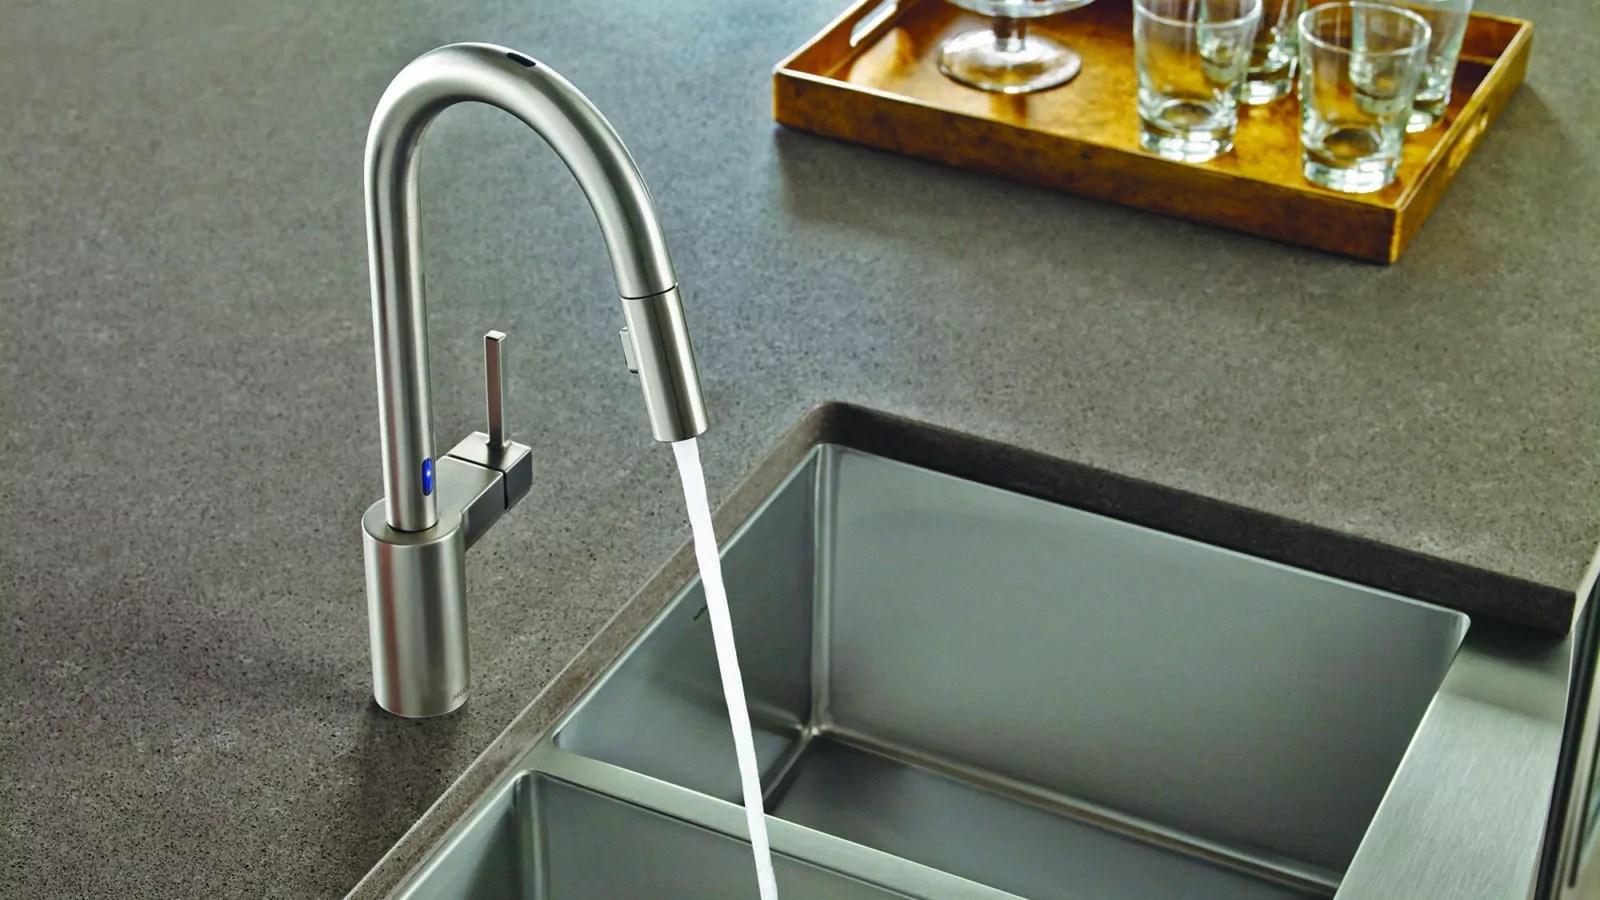 moen motionsense kitchen faucet